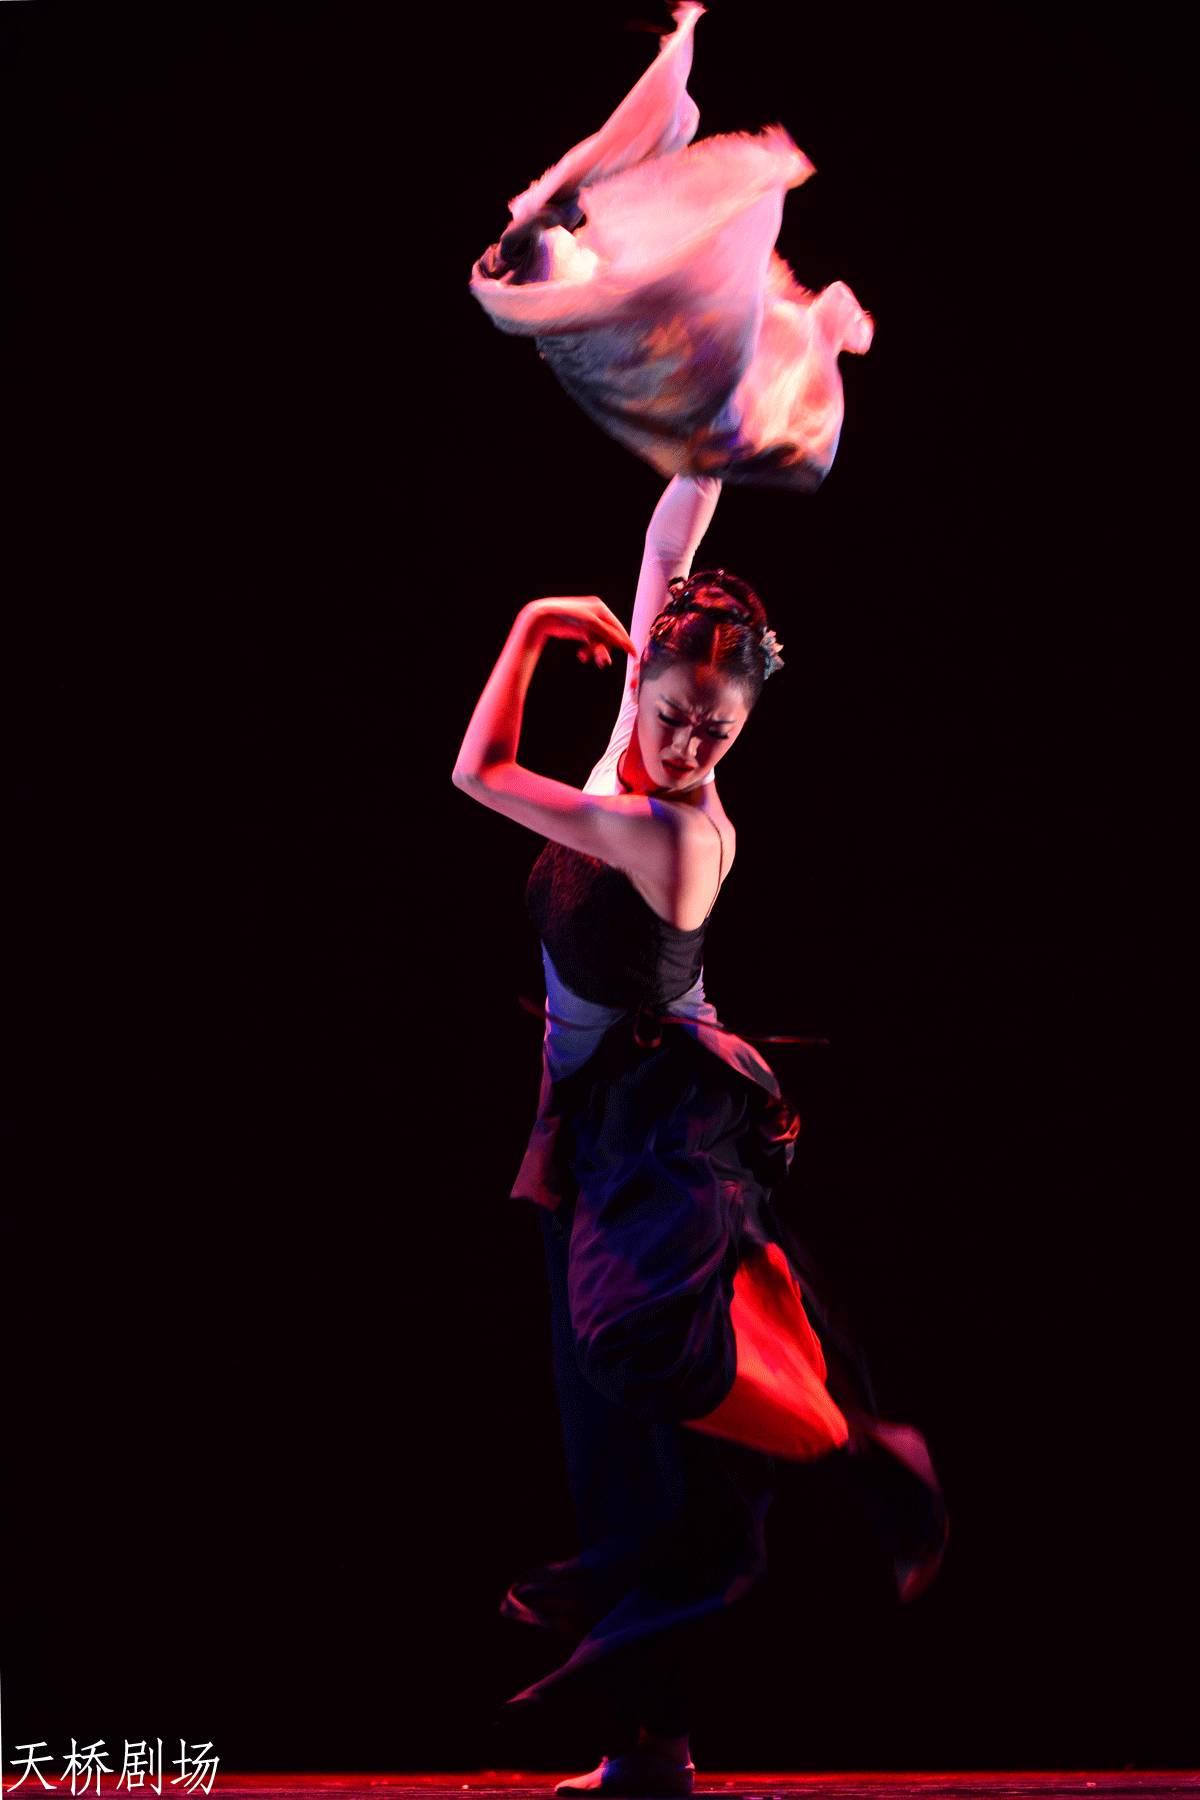 情色电影网址铹��_舞蹈大赛进行时|专业少年组、青年组剧照赏析(附观演舞迷名单